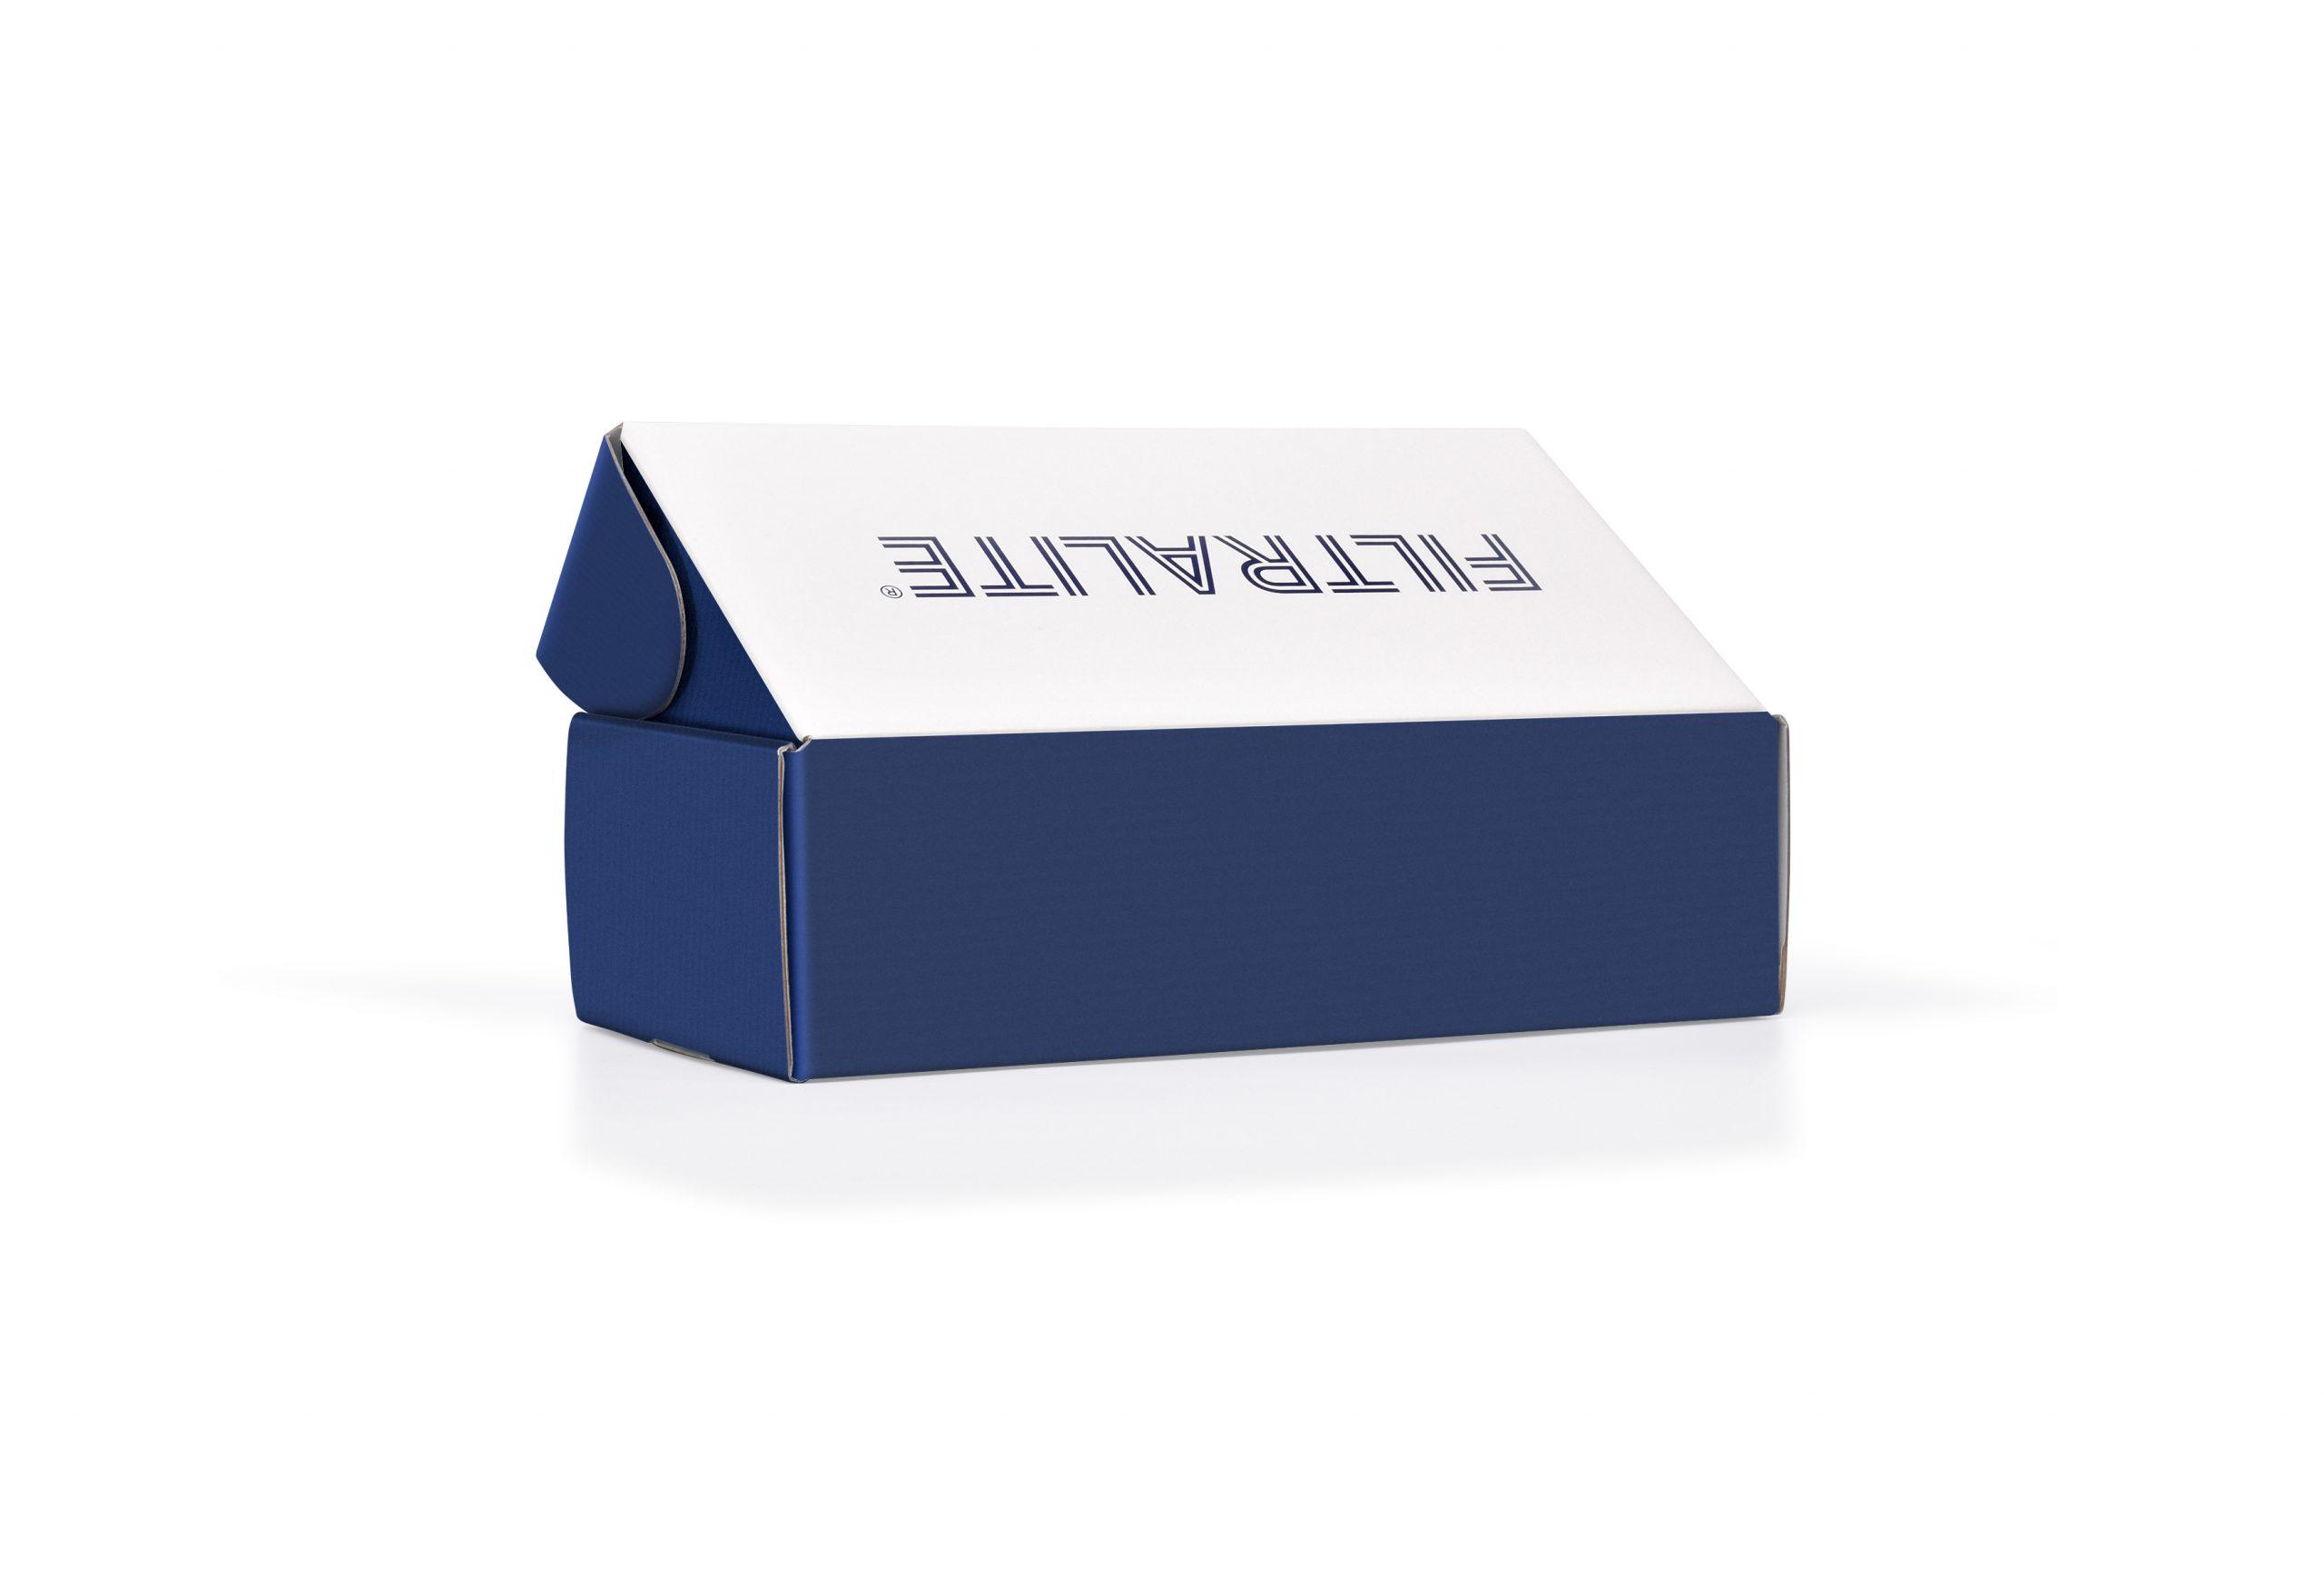 Filtralite_embalage,_basculante